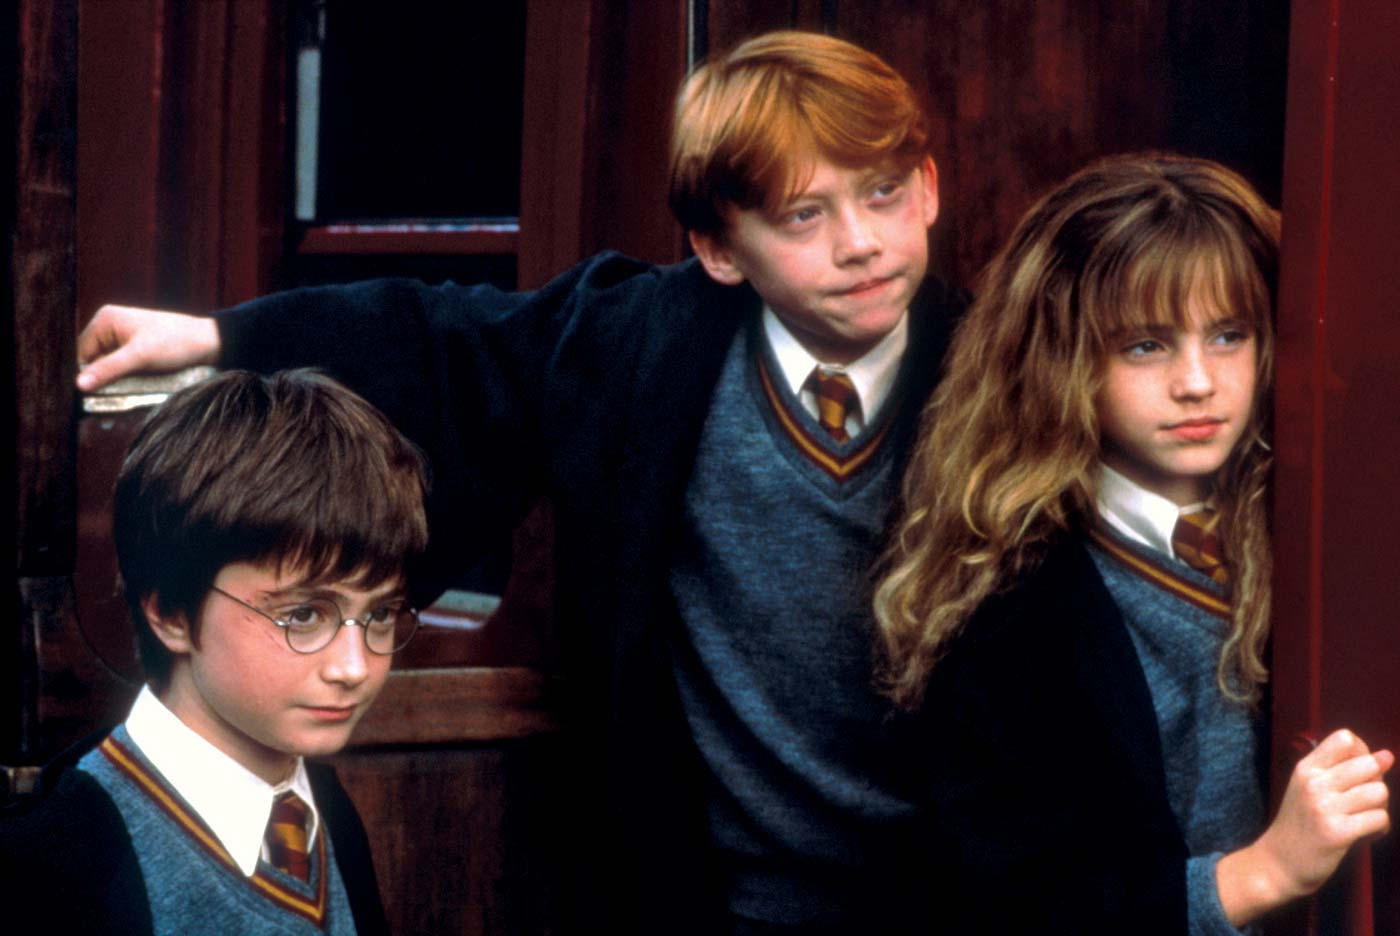 Harry Potter: Ev cinleri nasıl büyücülerin kölesi oldu? | Independent Türkçe